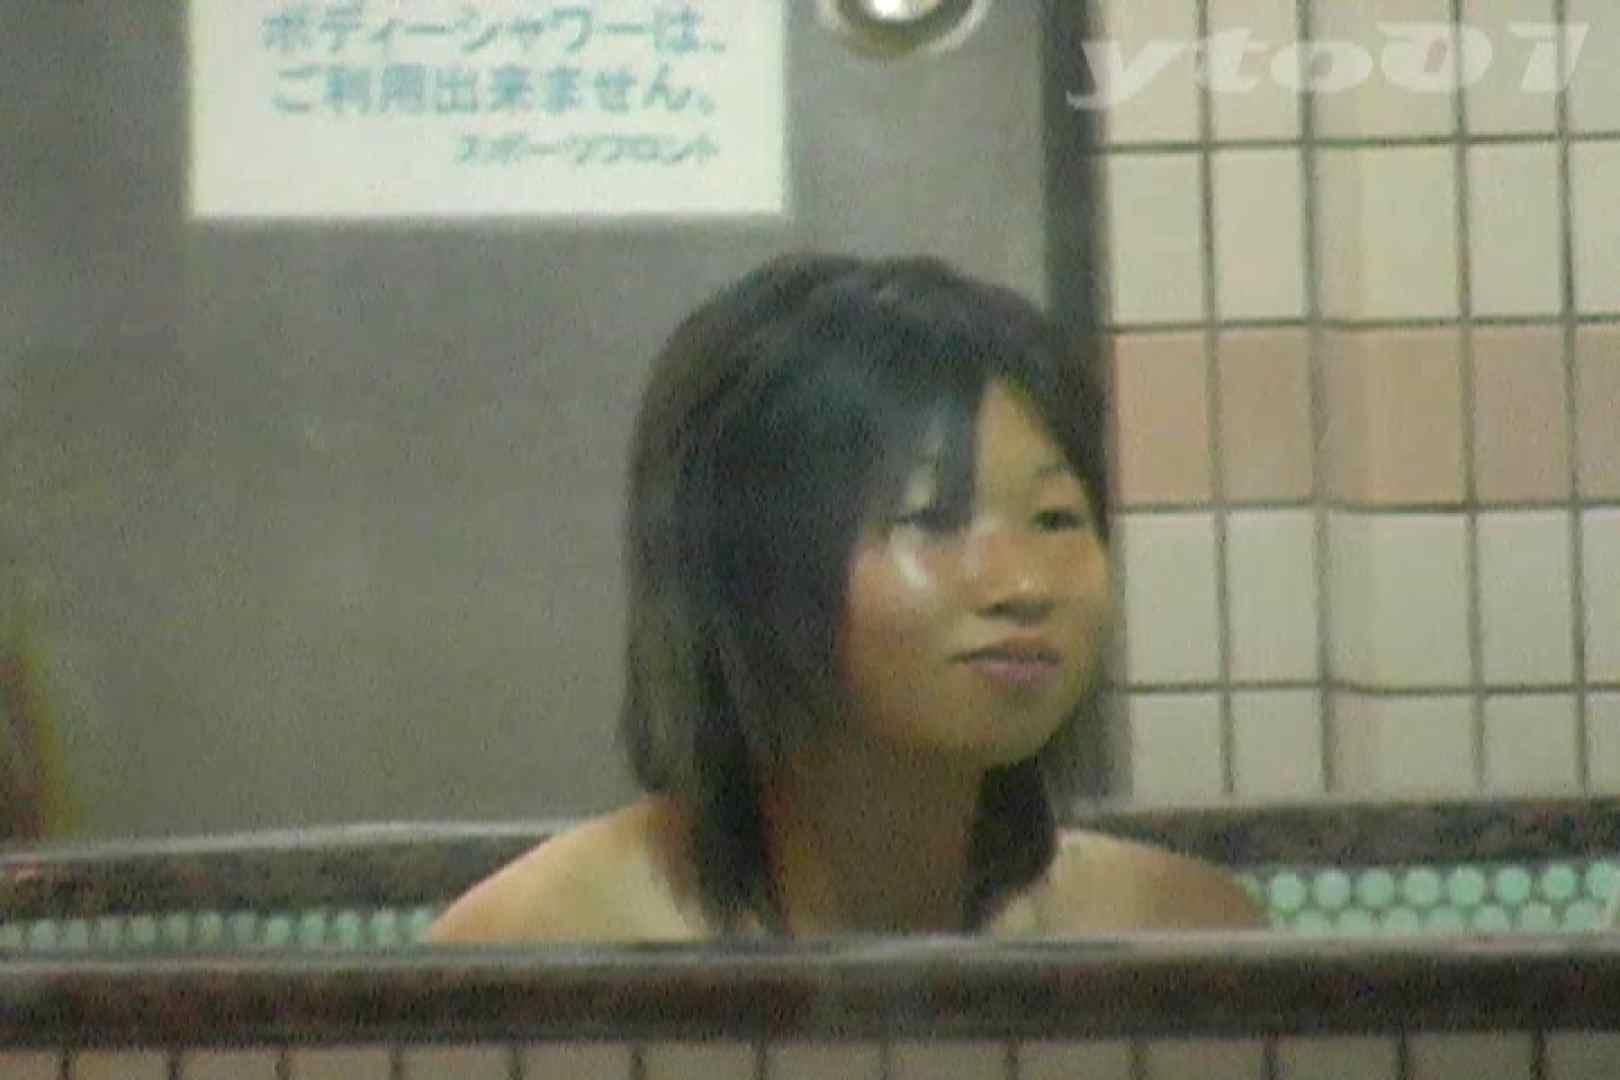 ▲復活限定▲合宿ホテル女風呂盗撮 Vol.07 入浴シーン   盗撮エロすぎ  85連発 47